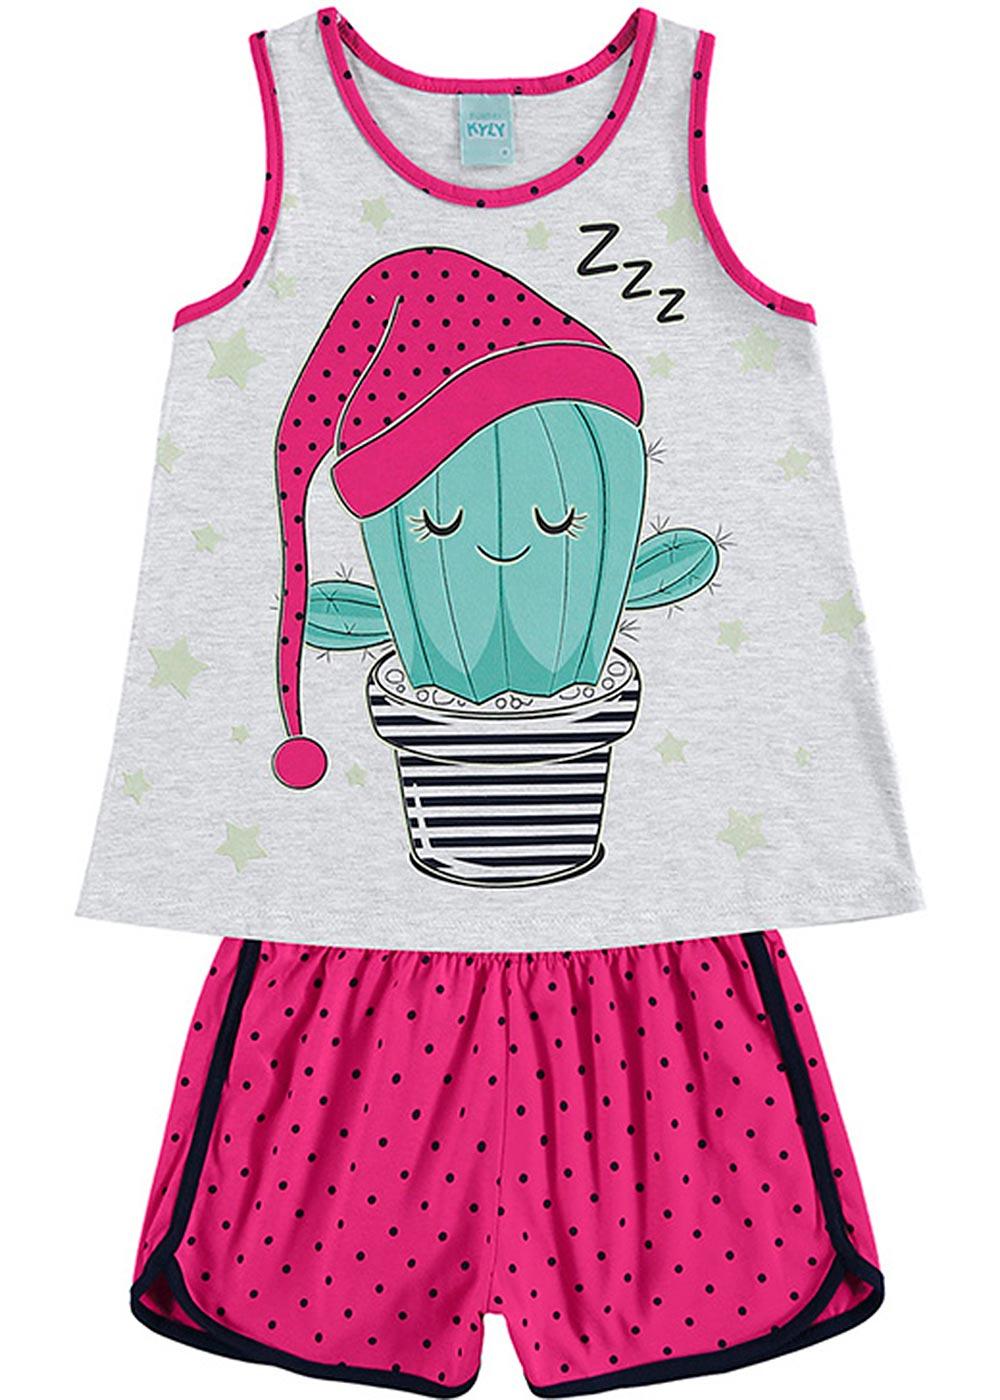 Pijama Infantil Feminino Verão Rosa Cute Cactus - Kyly